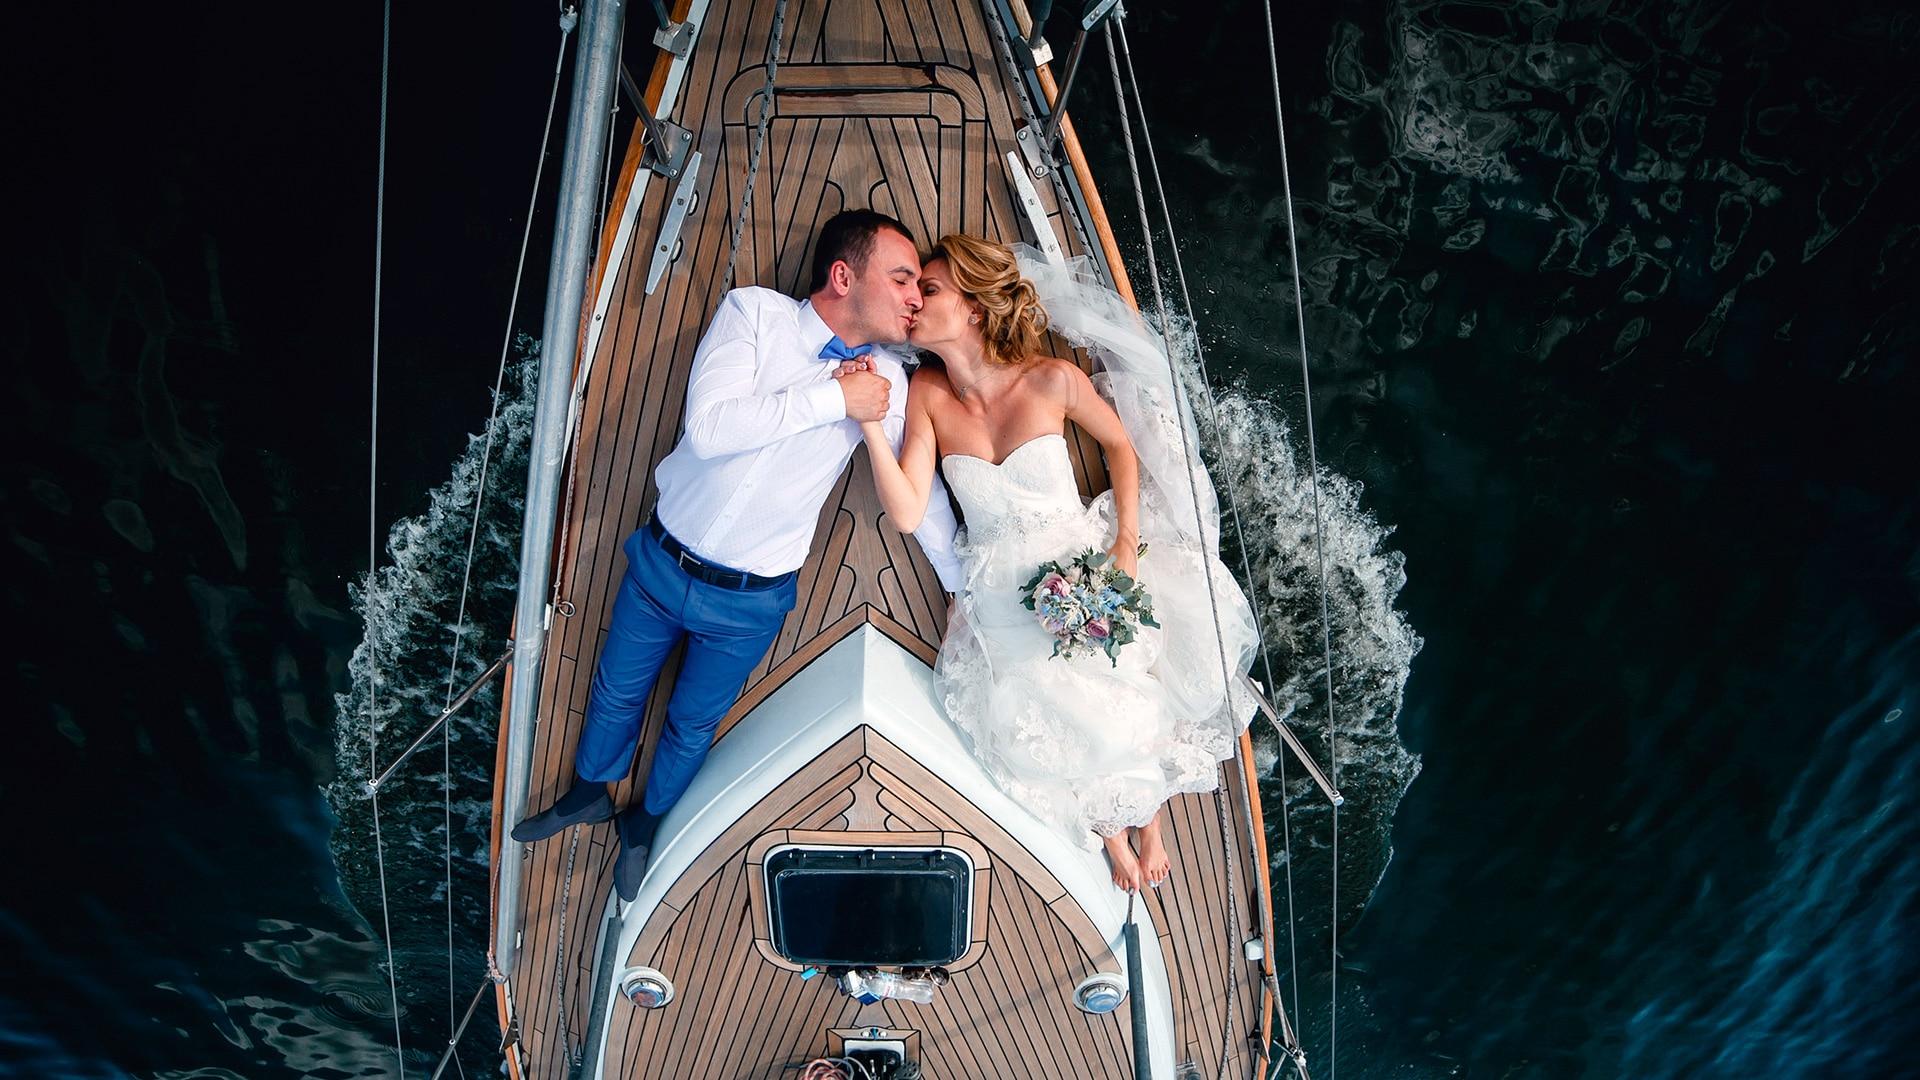 Matrimonio Di Lusso Toscana : Matrimonio di lusso in toscana dimore castelli e ville